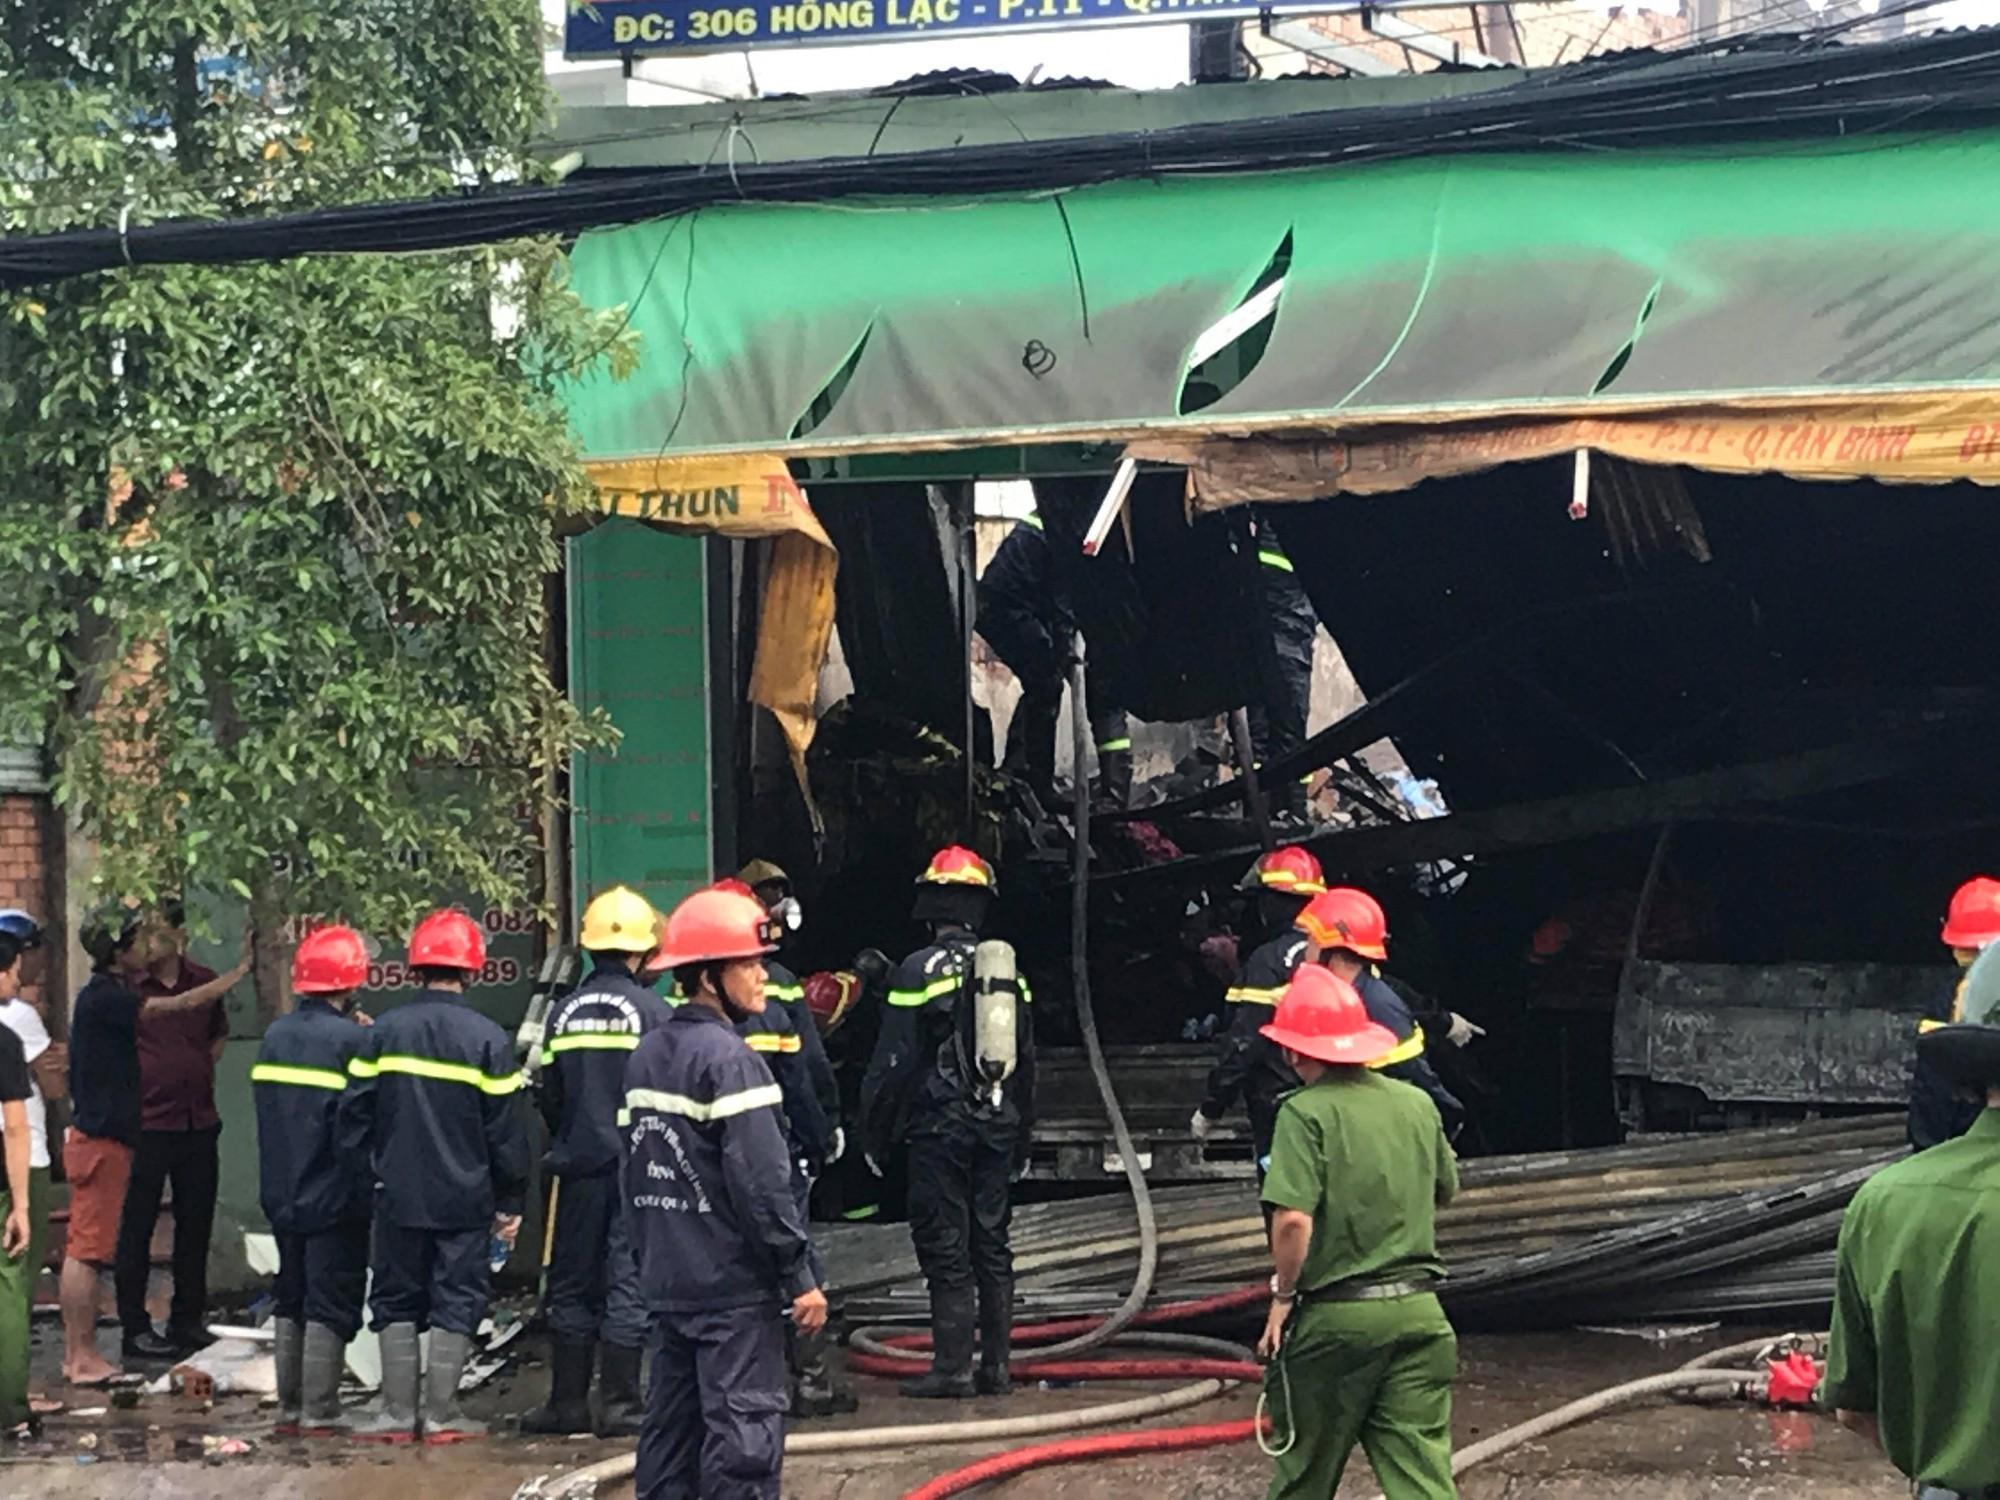 TP.HCM: Vừa đi ngủ sau khi xem World Cup, dân cư gần chợ Tân Bình hoảng hốt vì cháy lớn - Ảnh 1.